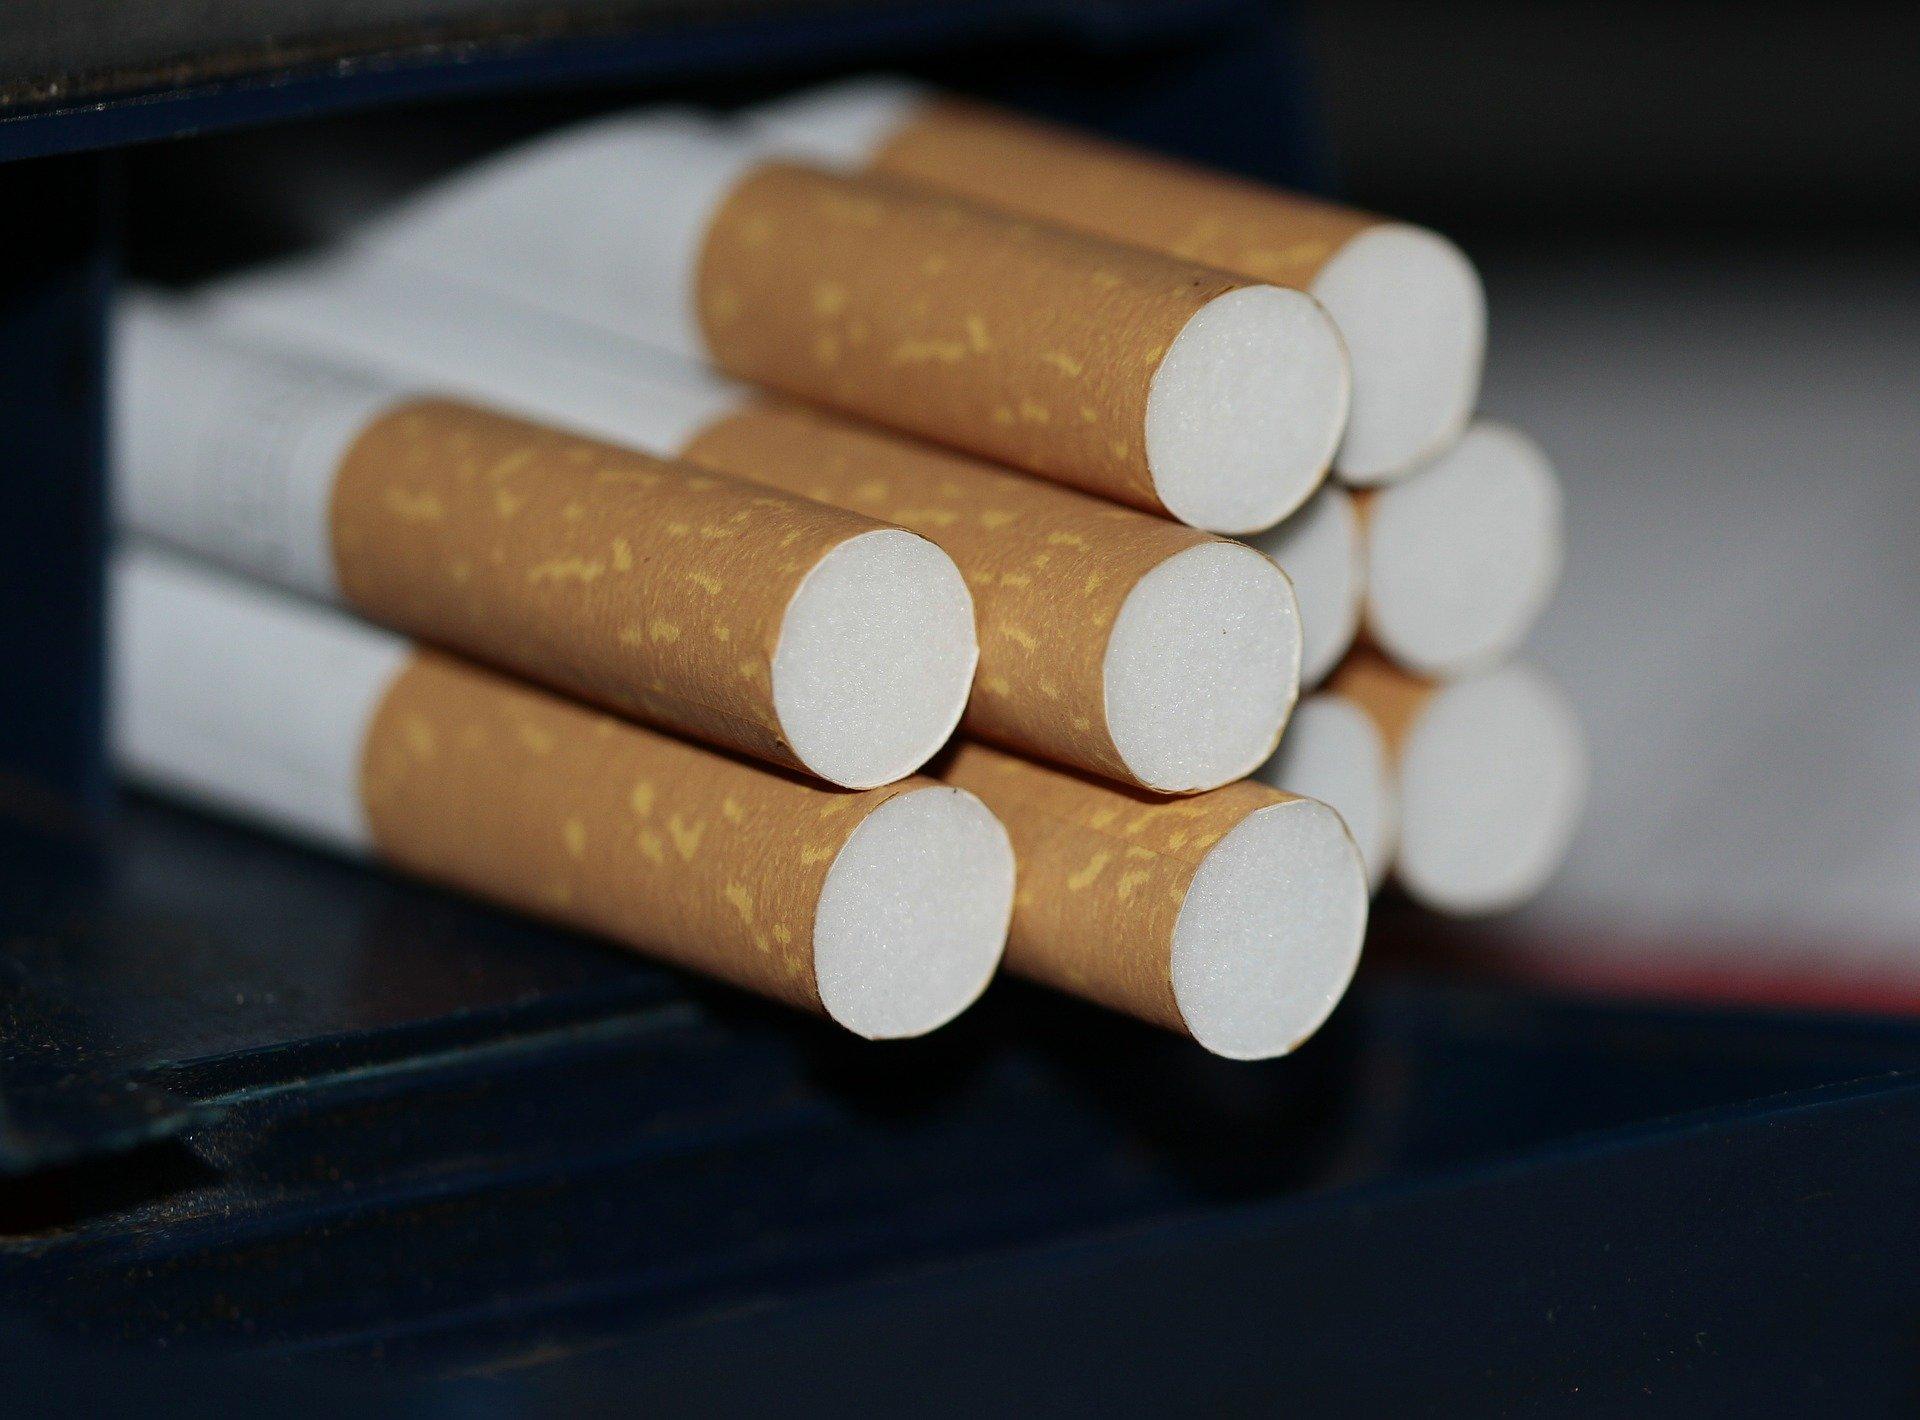 Търговия с цигари I Разпространение на тютюневи изделия